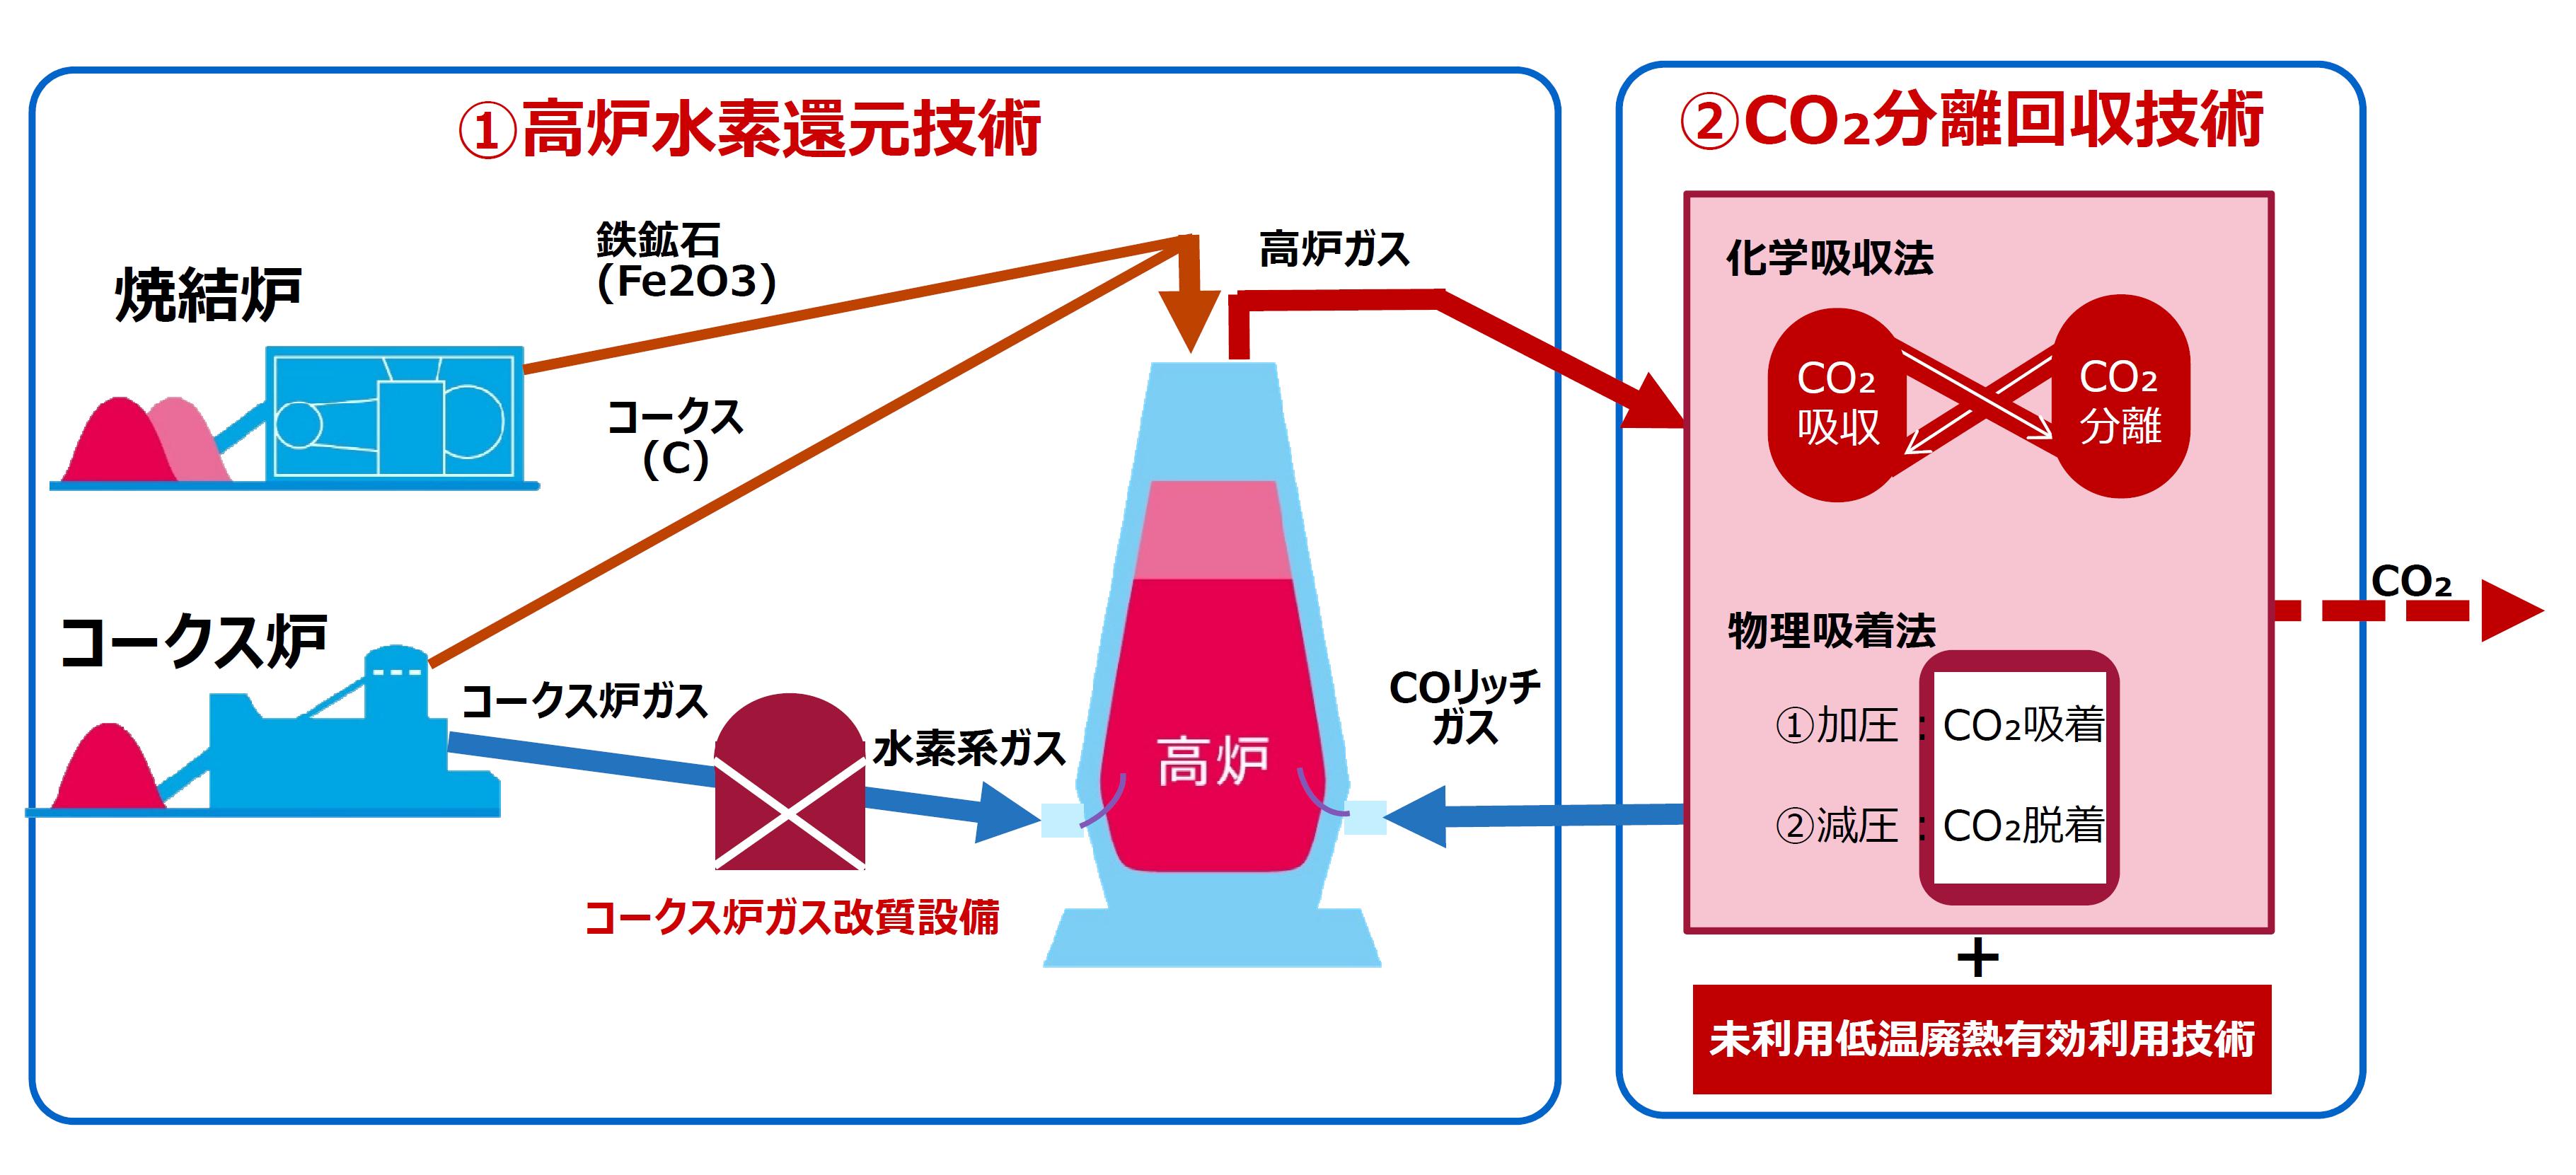 CO2分離回収技術を解説した図です。